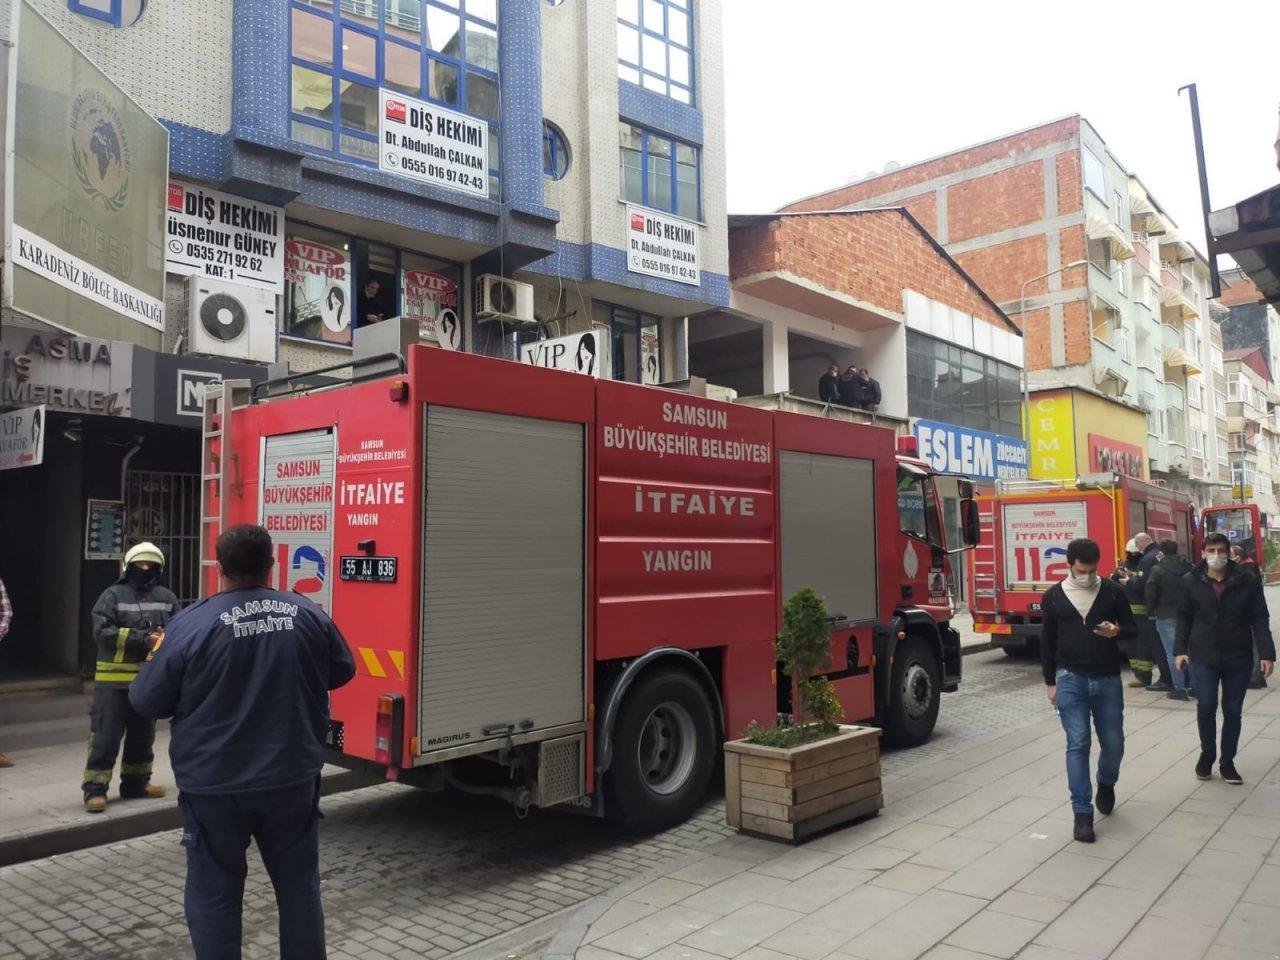 Yangın İhbarına Giden İtfaiye Mangal Dumanıyla Karşılaştı